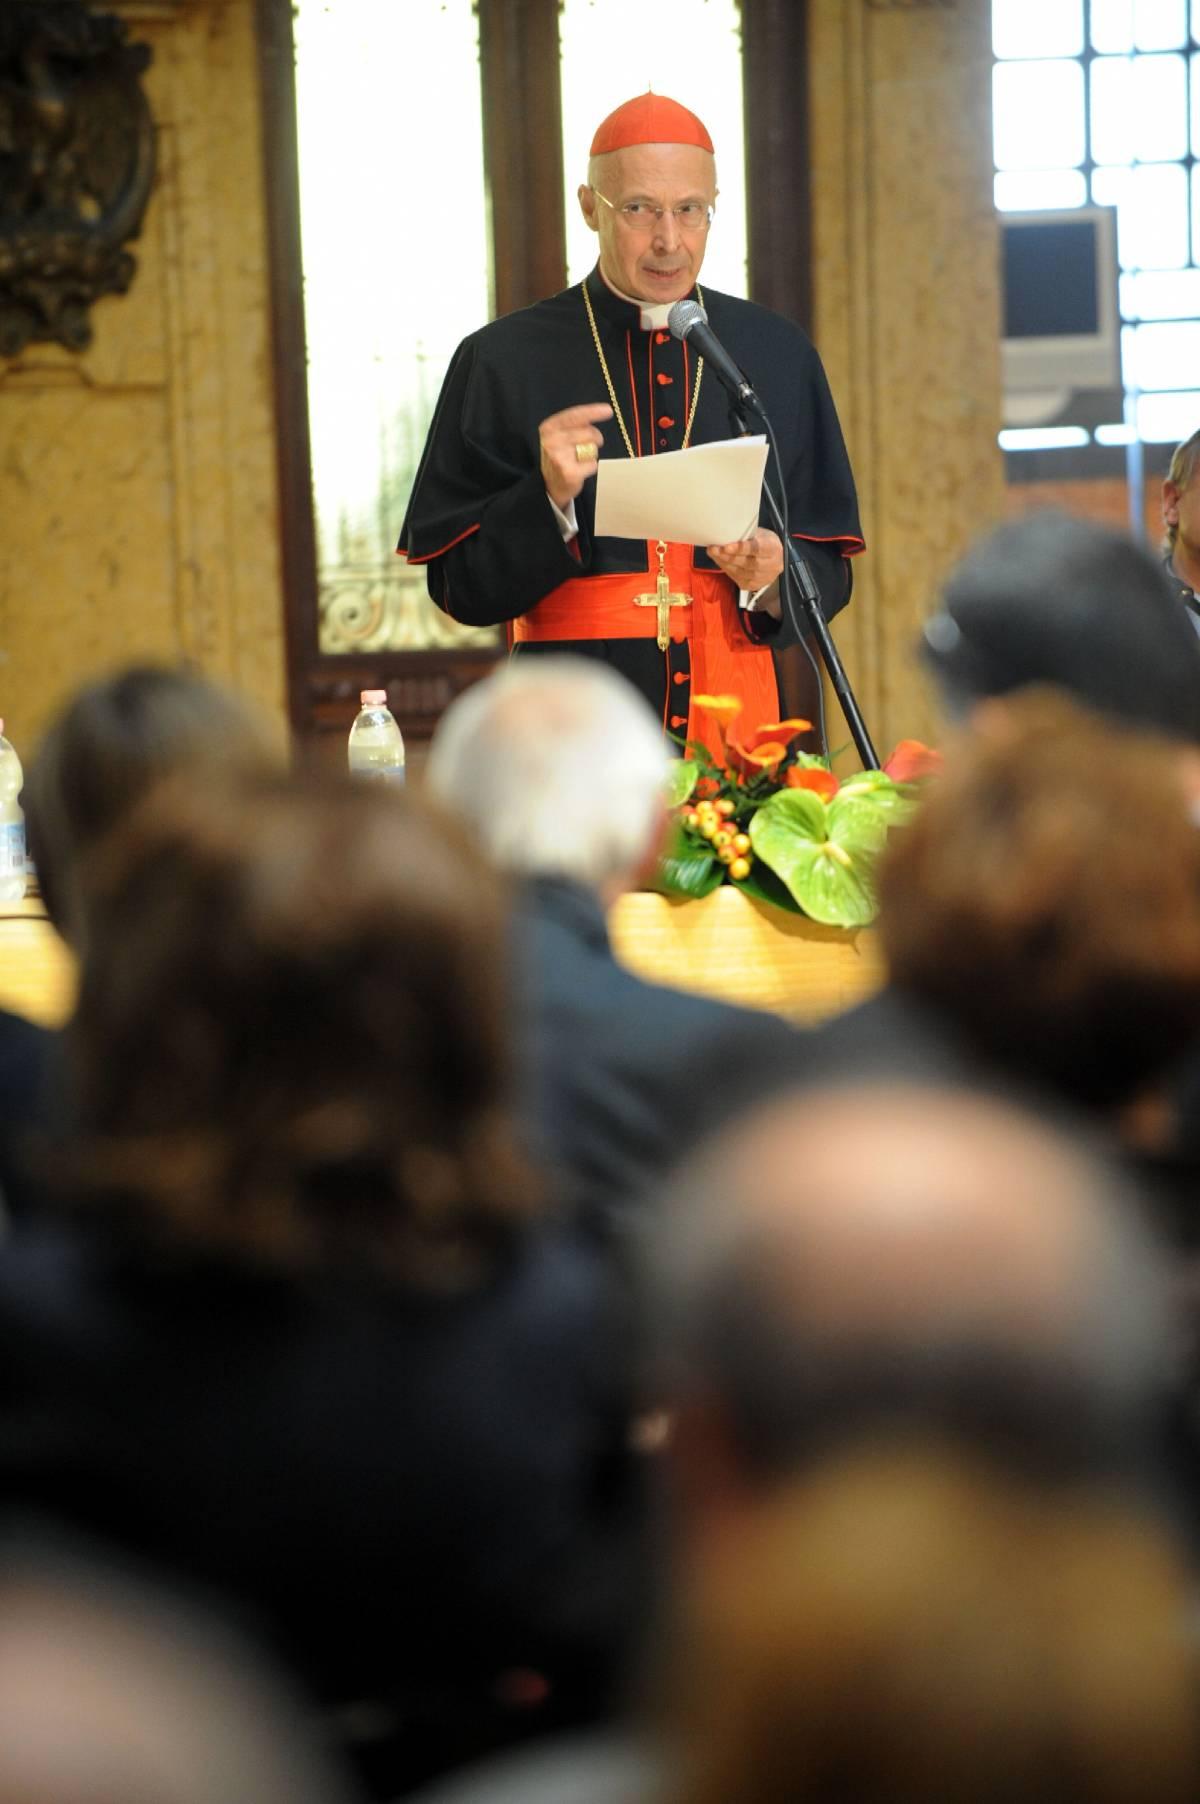 """La Cei: """"Degrado politico  deriva da carenze etiche"""""""